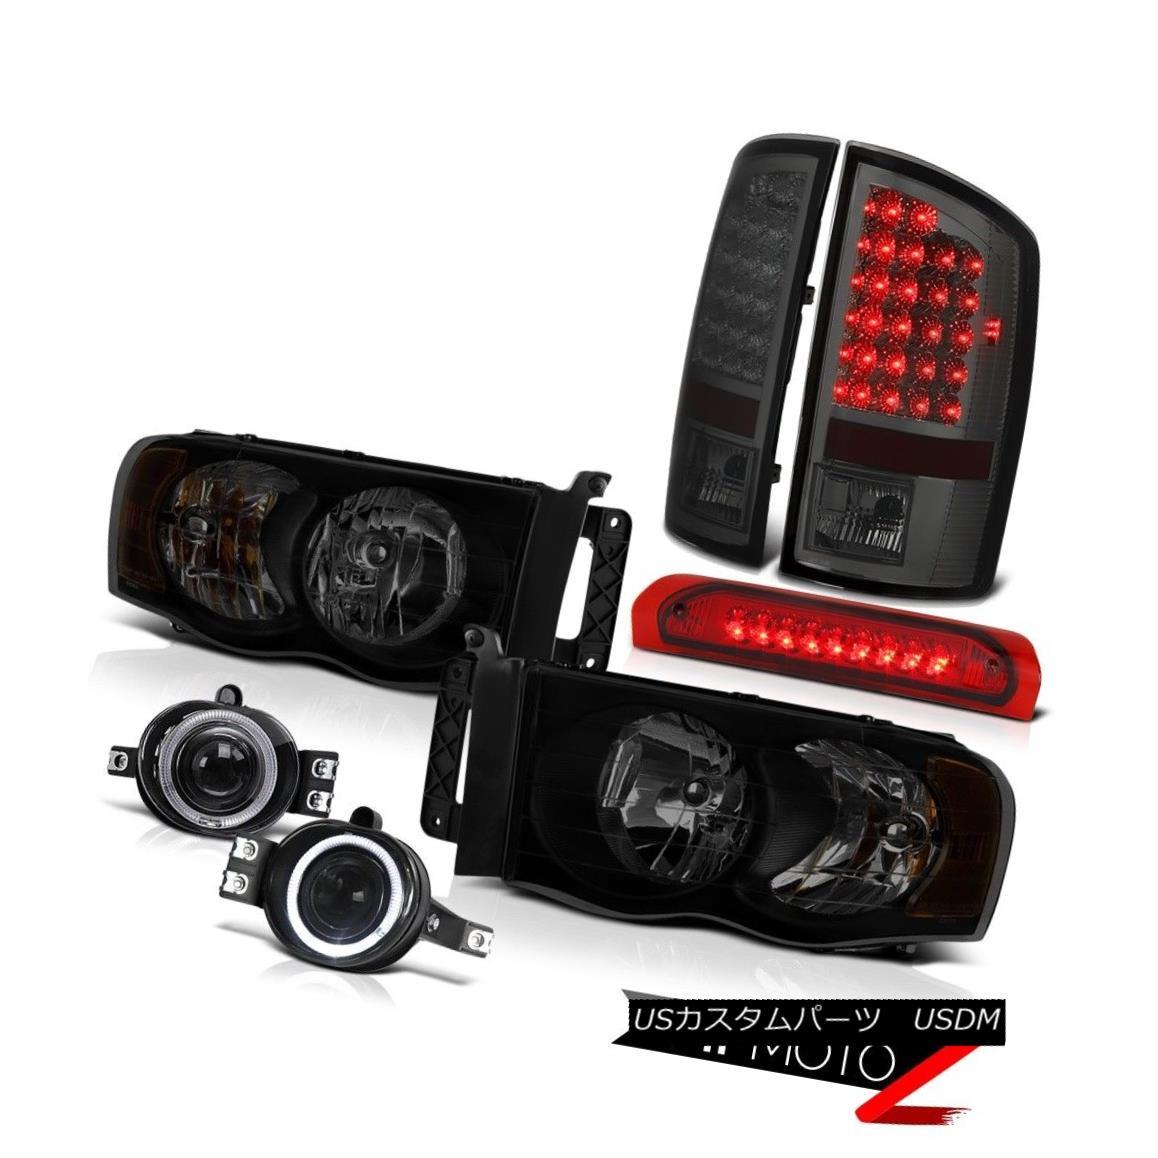 テールライト 02-05 Ram 1500 2500 3500 4.7L Headlights Foglamps Red 3RD Brake Light Taillamps 02-05 Ram 1500 2500 3500 4.7Lヘッドライトフォグランプ赤3RDブレーキライトタイヤランプ